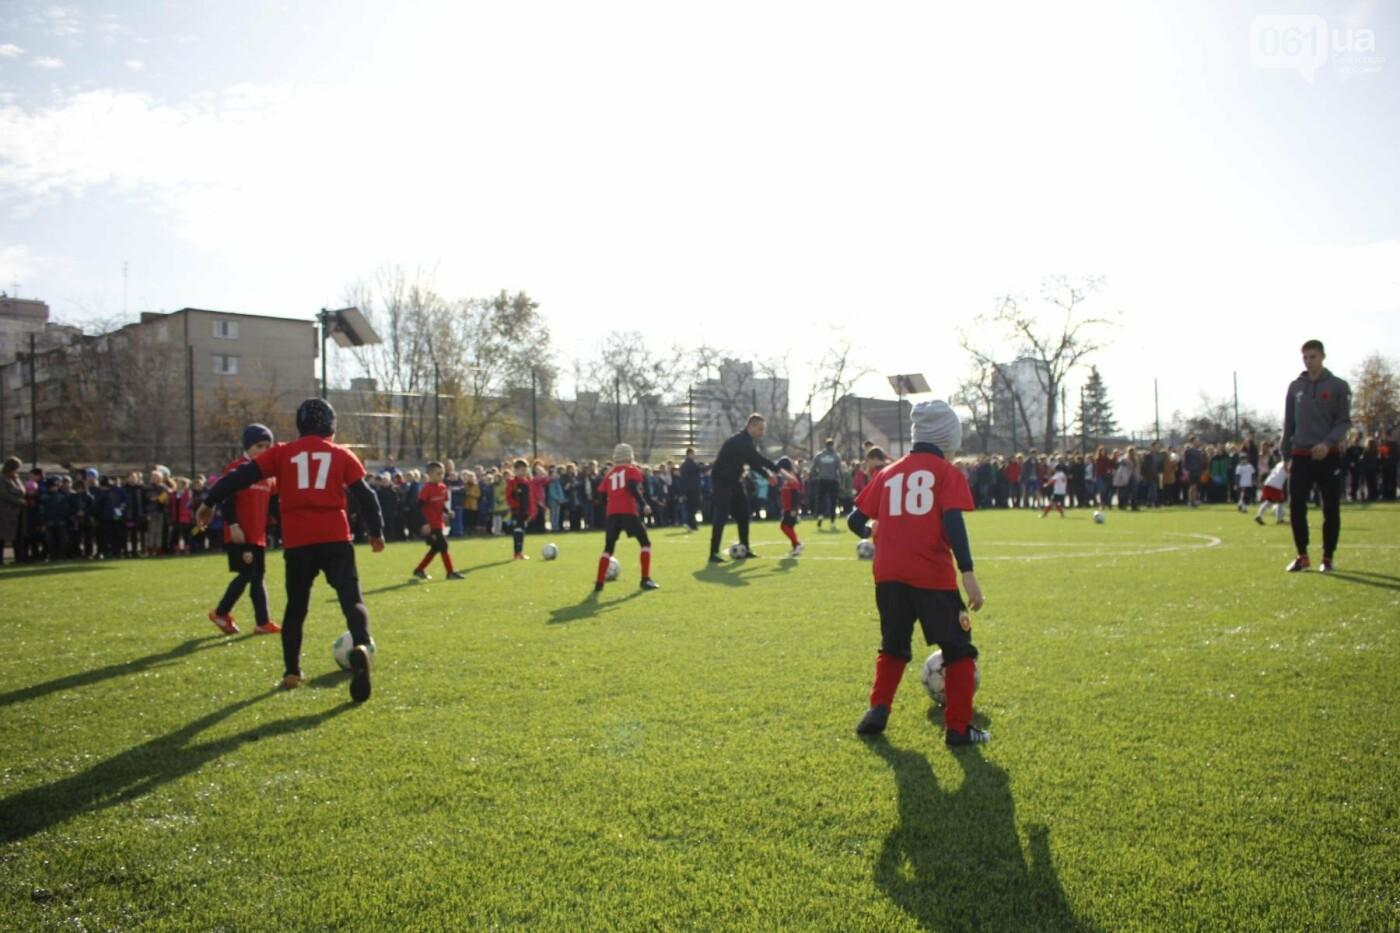 В Бородинском микрорайоне открыли школьный стадион: как это выглядит, - ФОТОРЕПОРТАЖ, фото-18